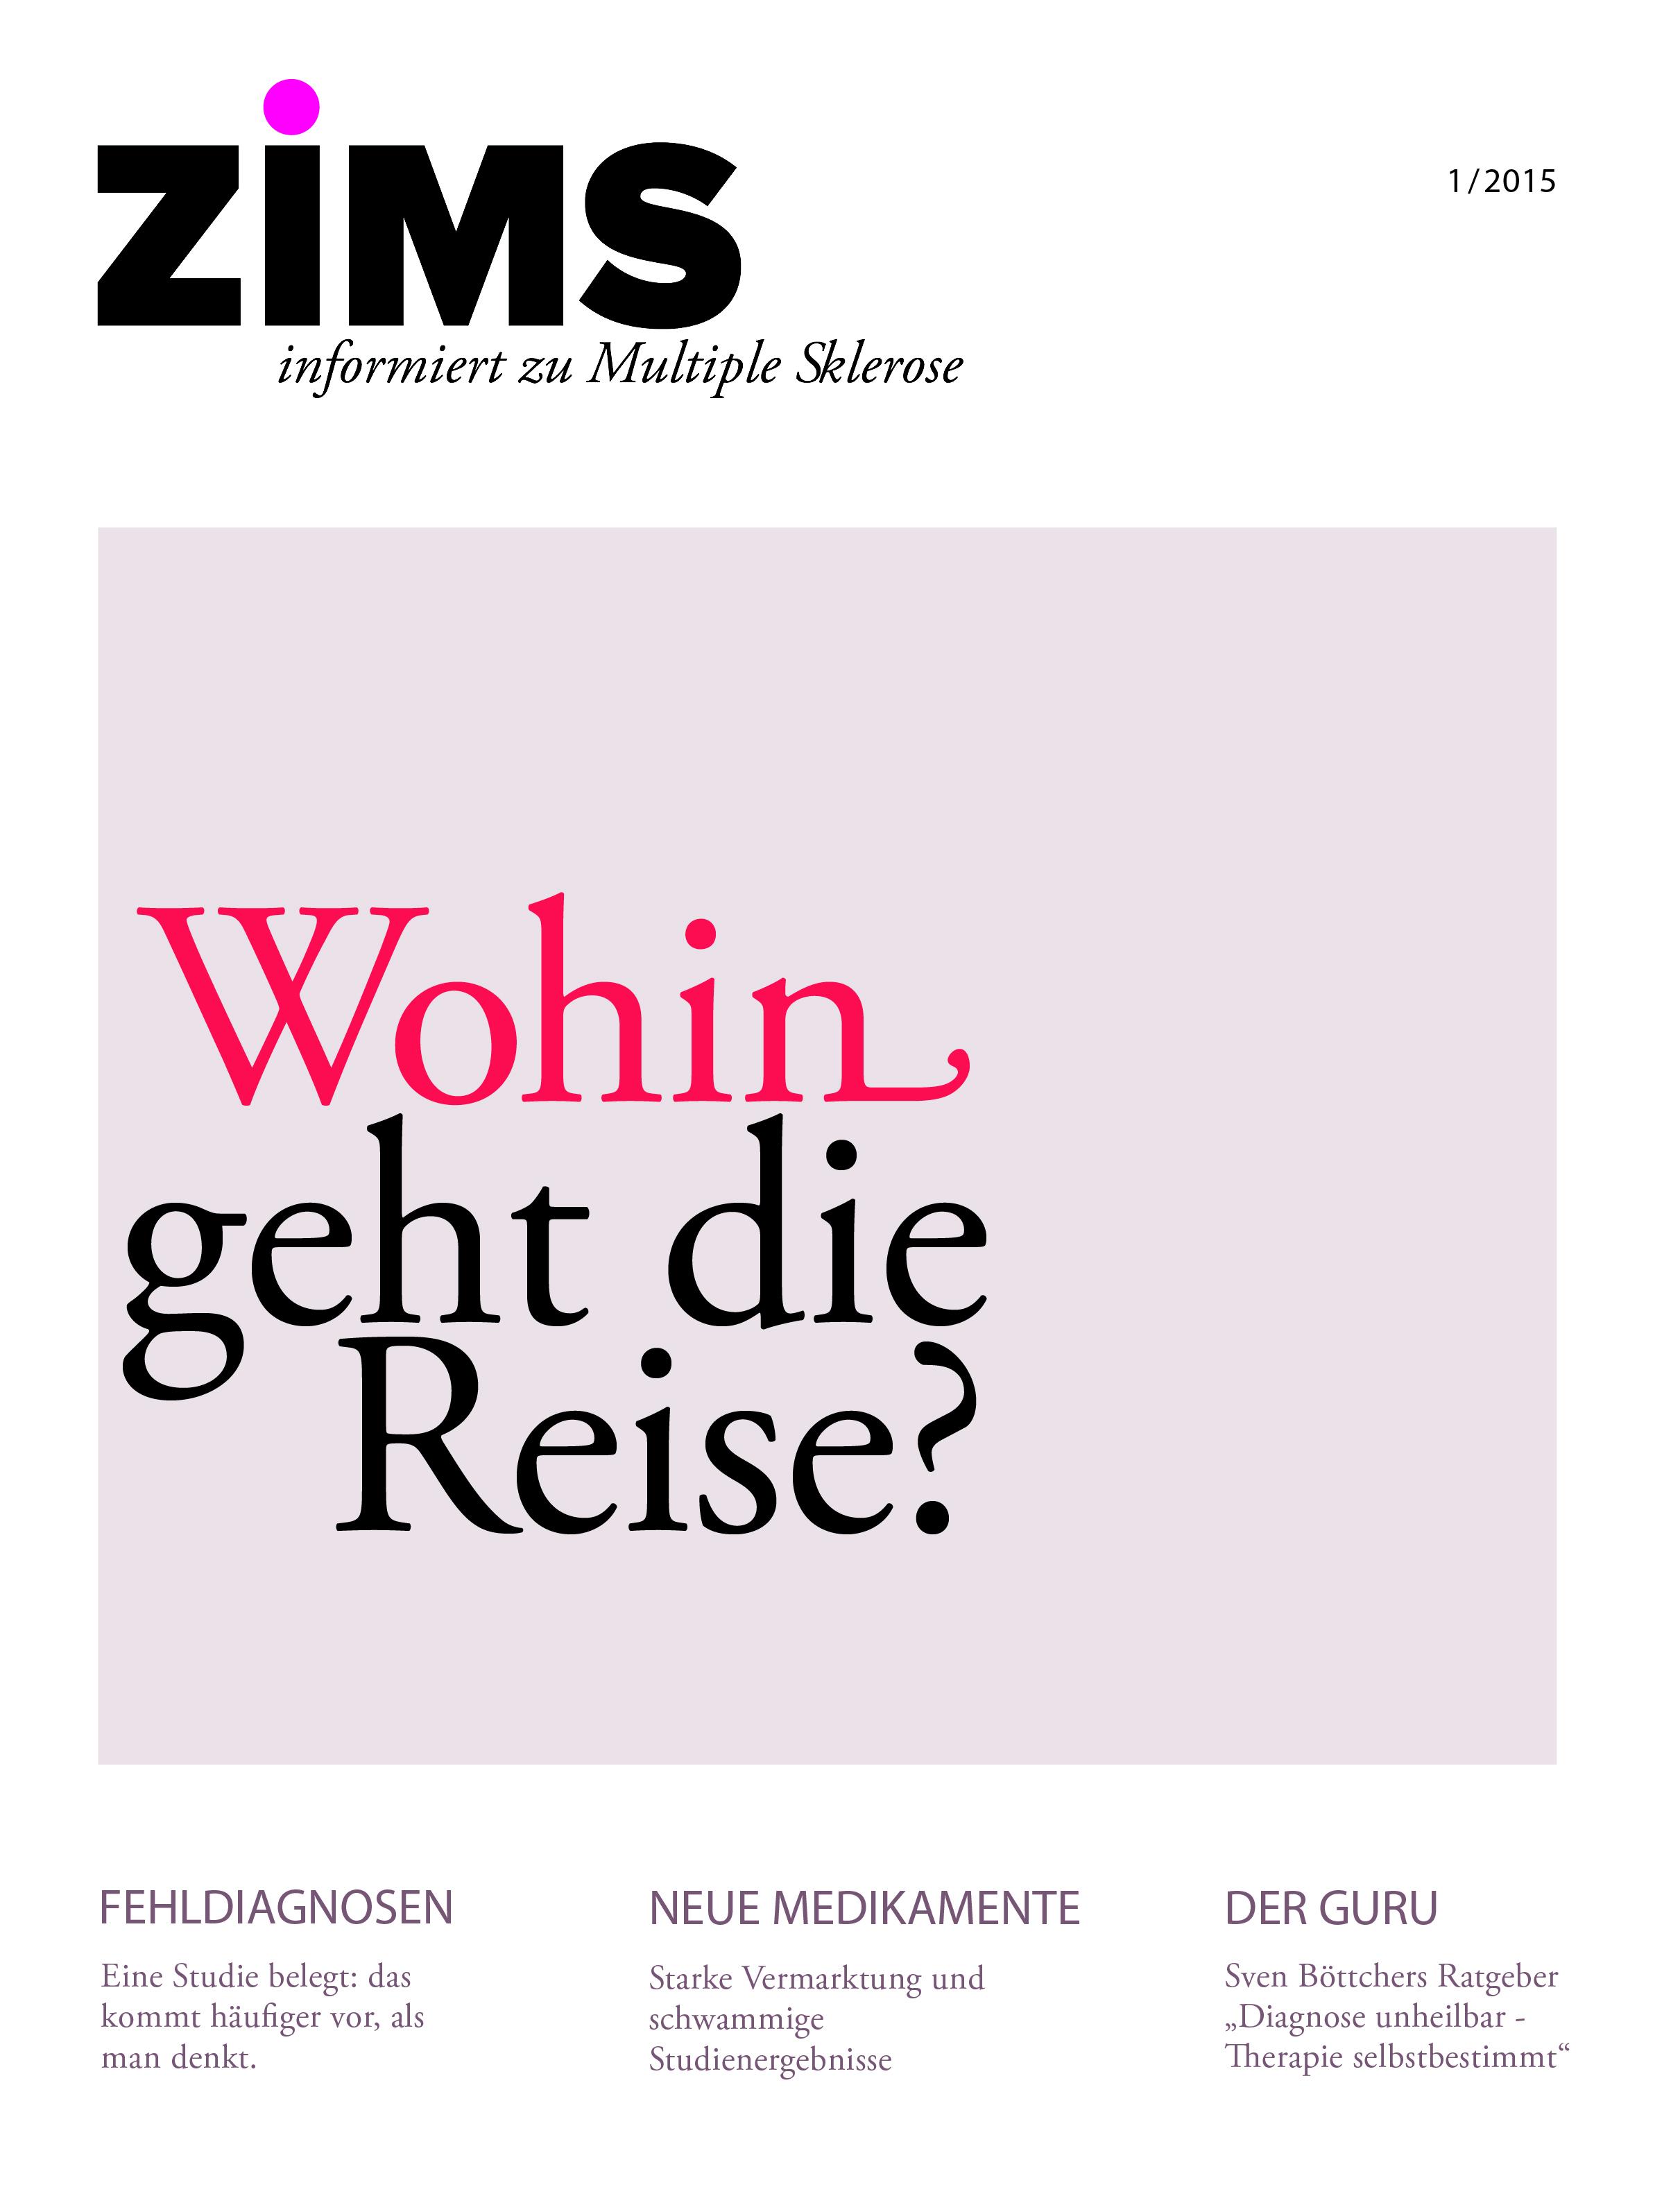 ZIMS 1 (ms-stiftung-trier.de/zims-magazin/)